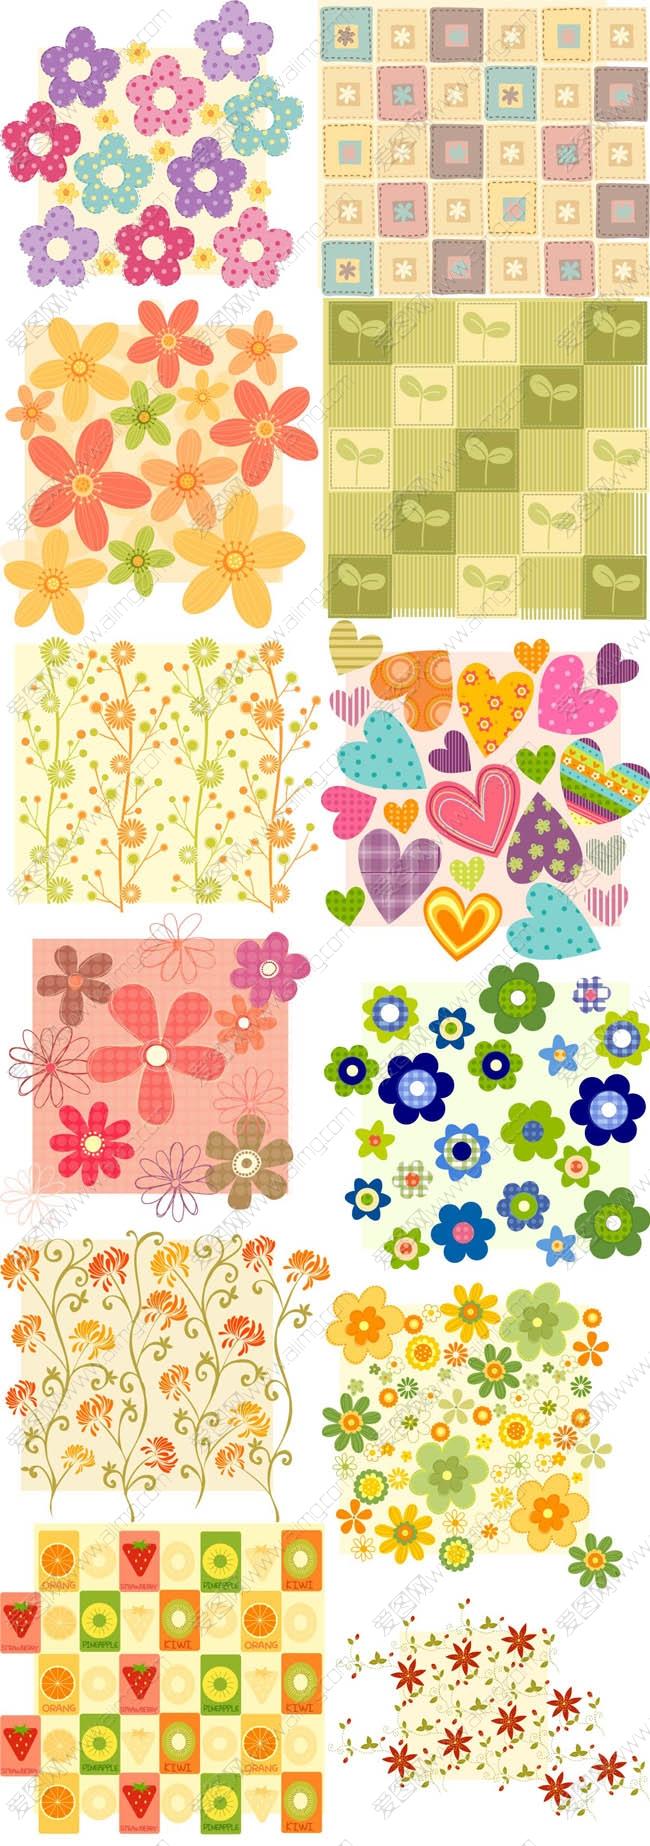 23款可爱的花纹底图矢量素材